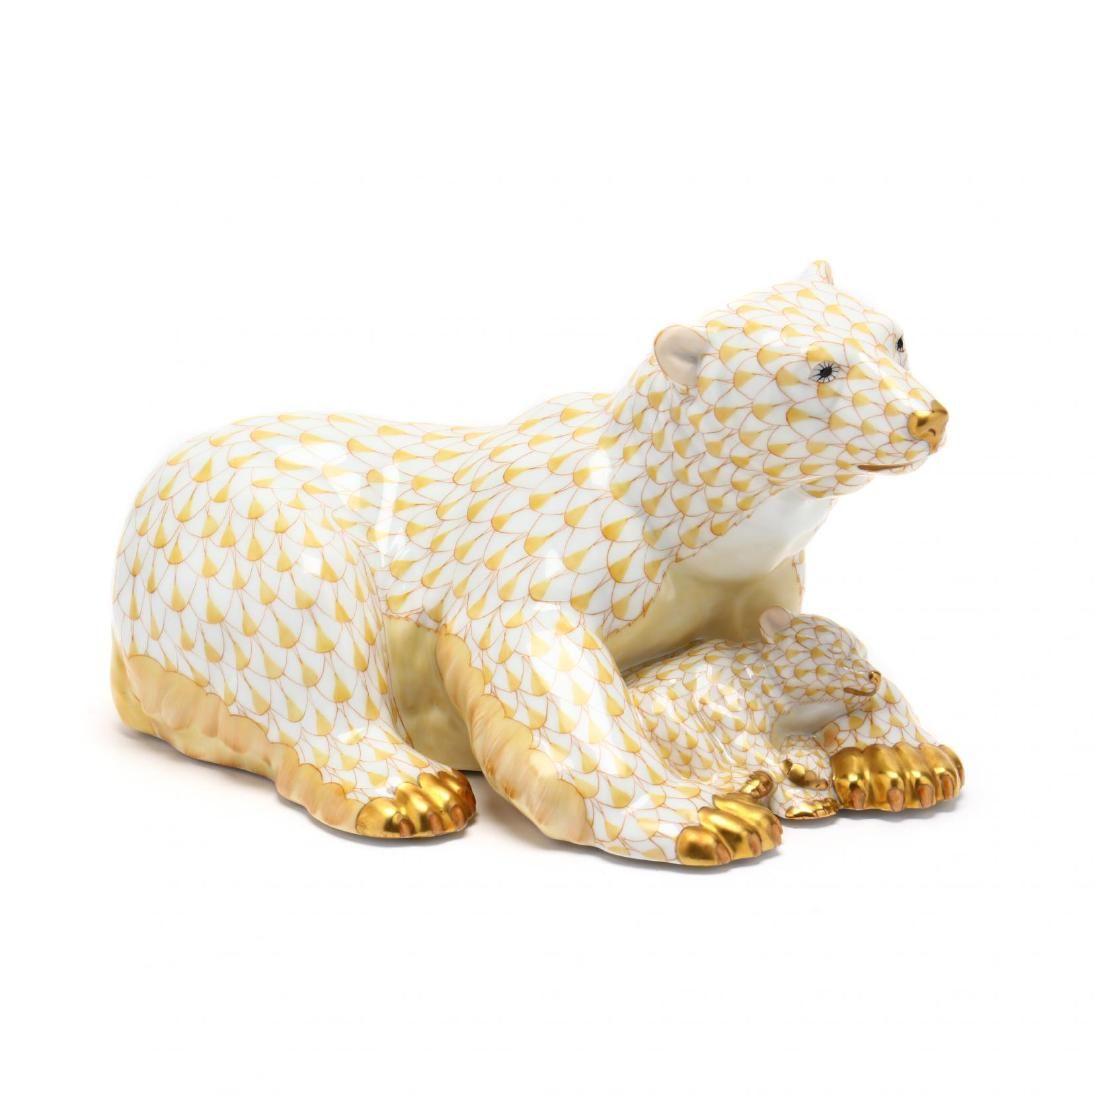 Herend Polar Bear with Cub